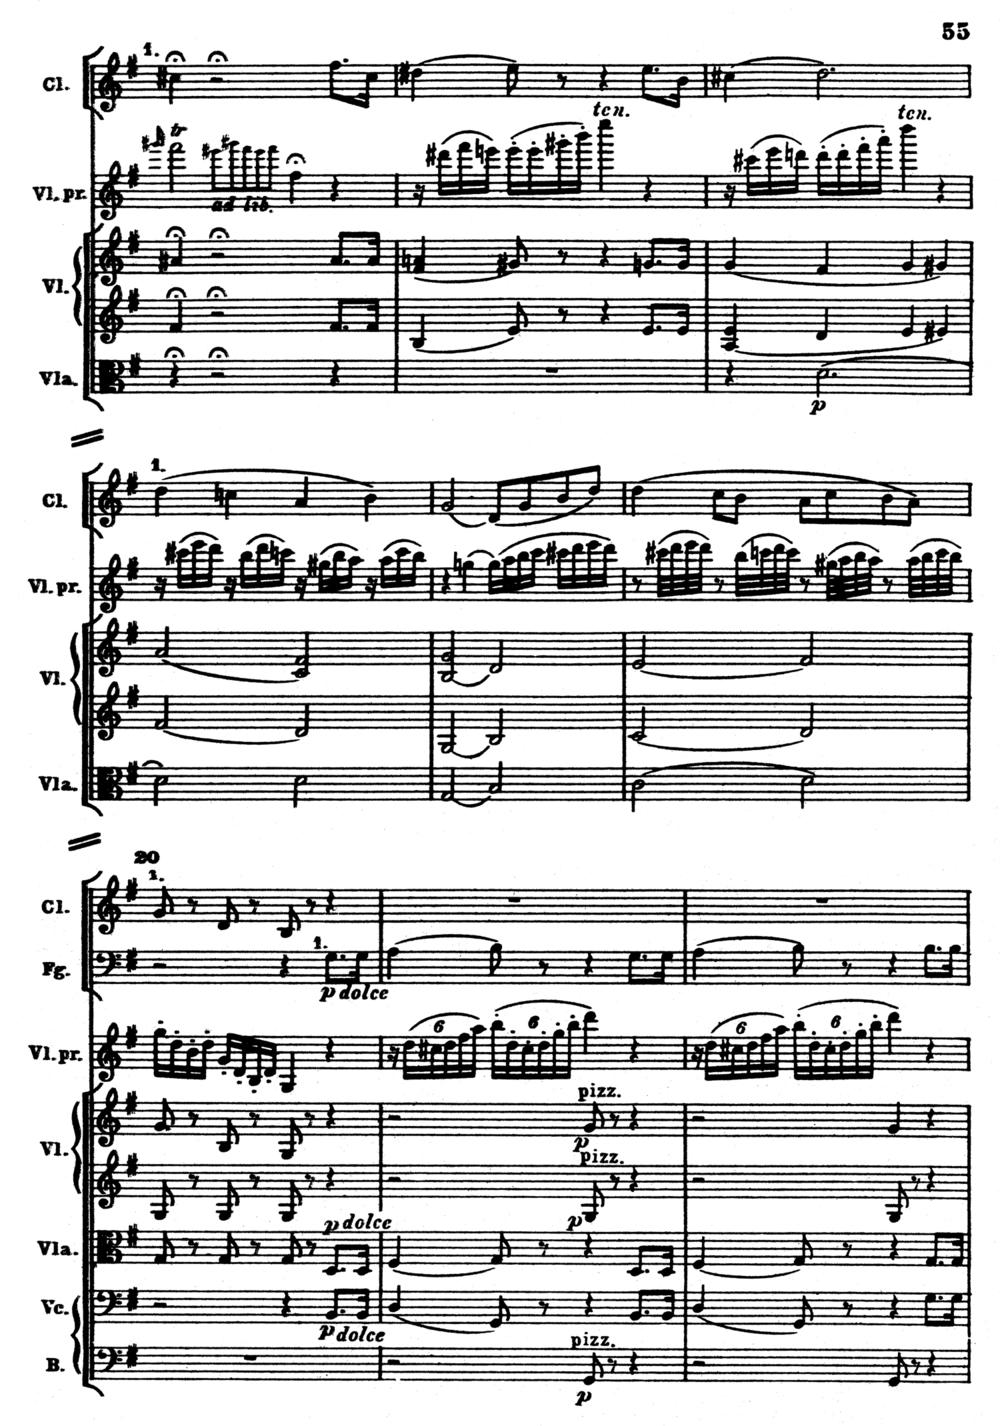 Beethoven Violin Score 1.jpg